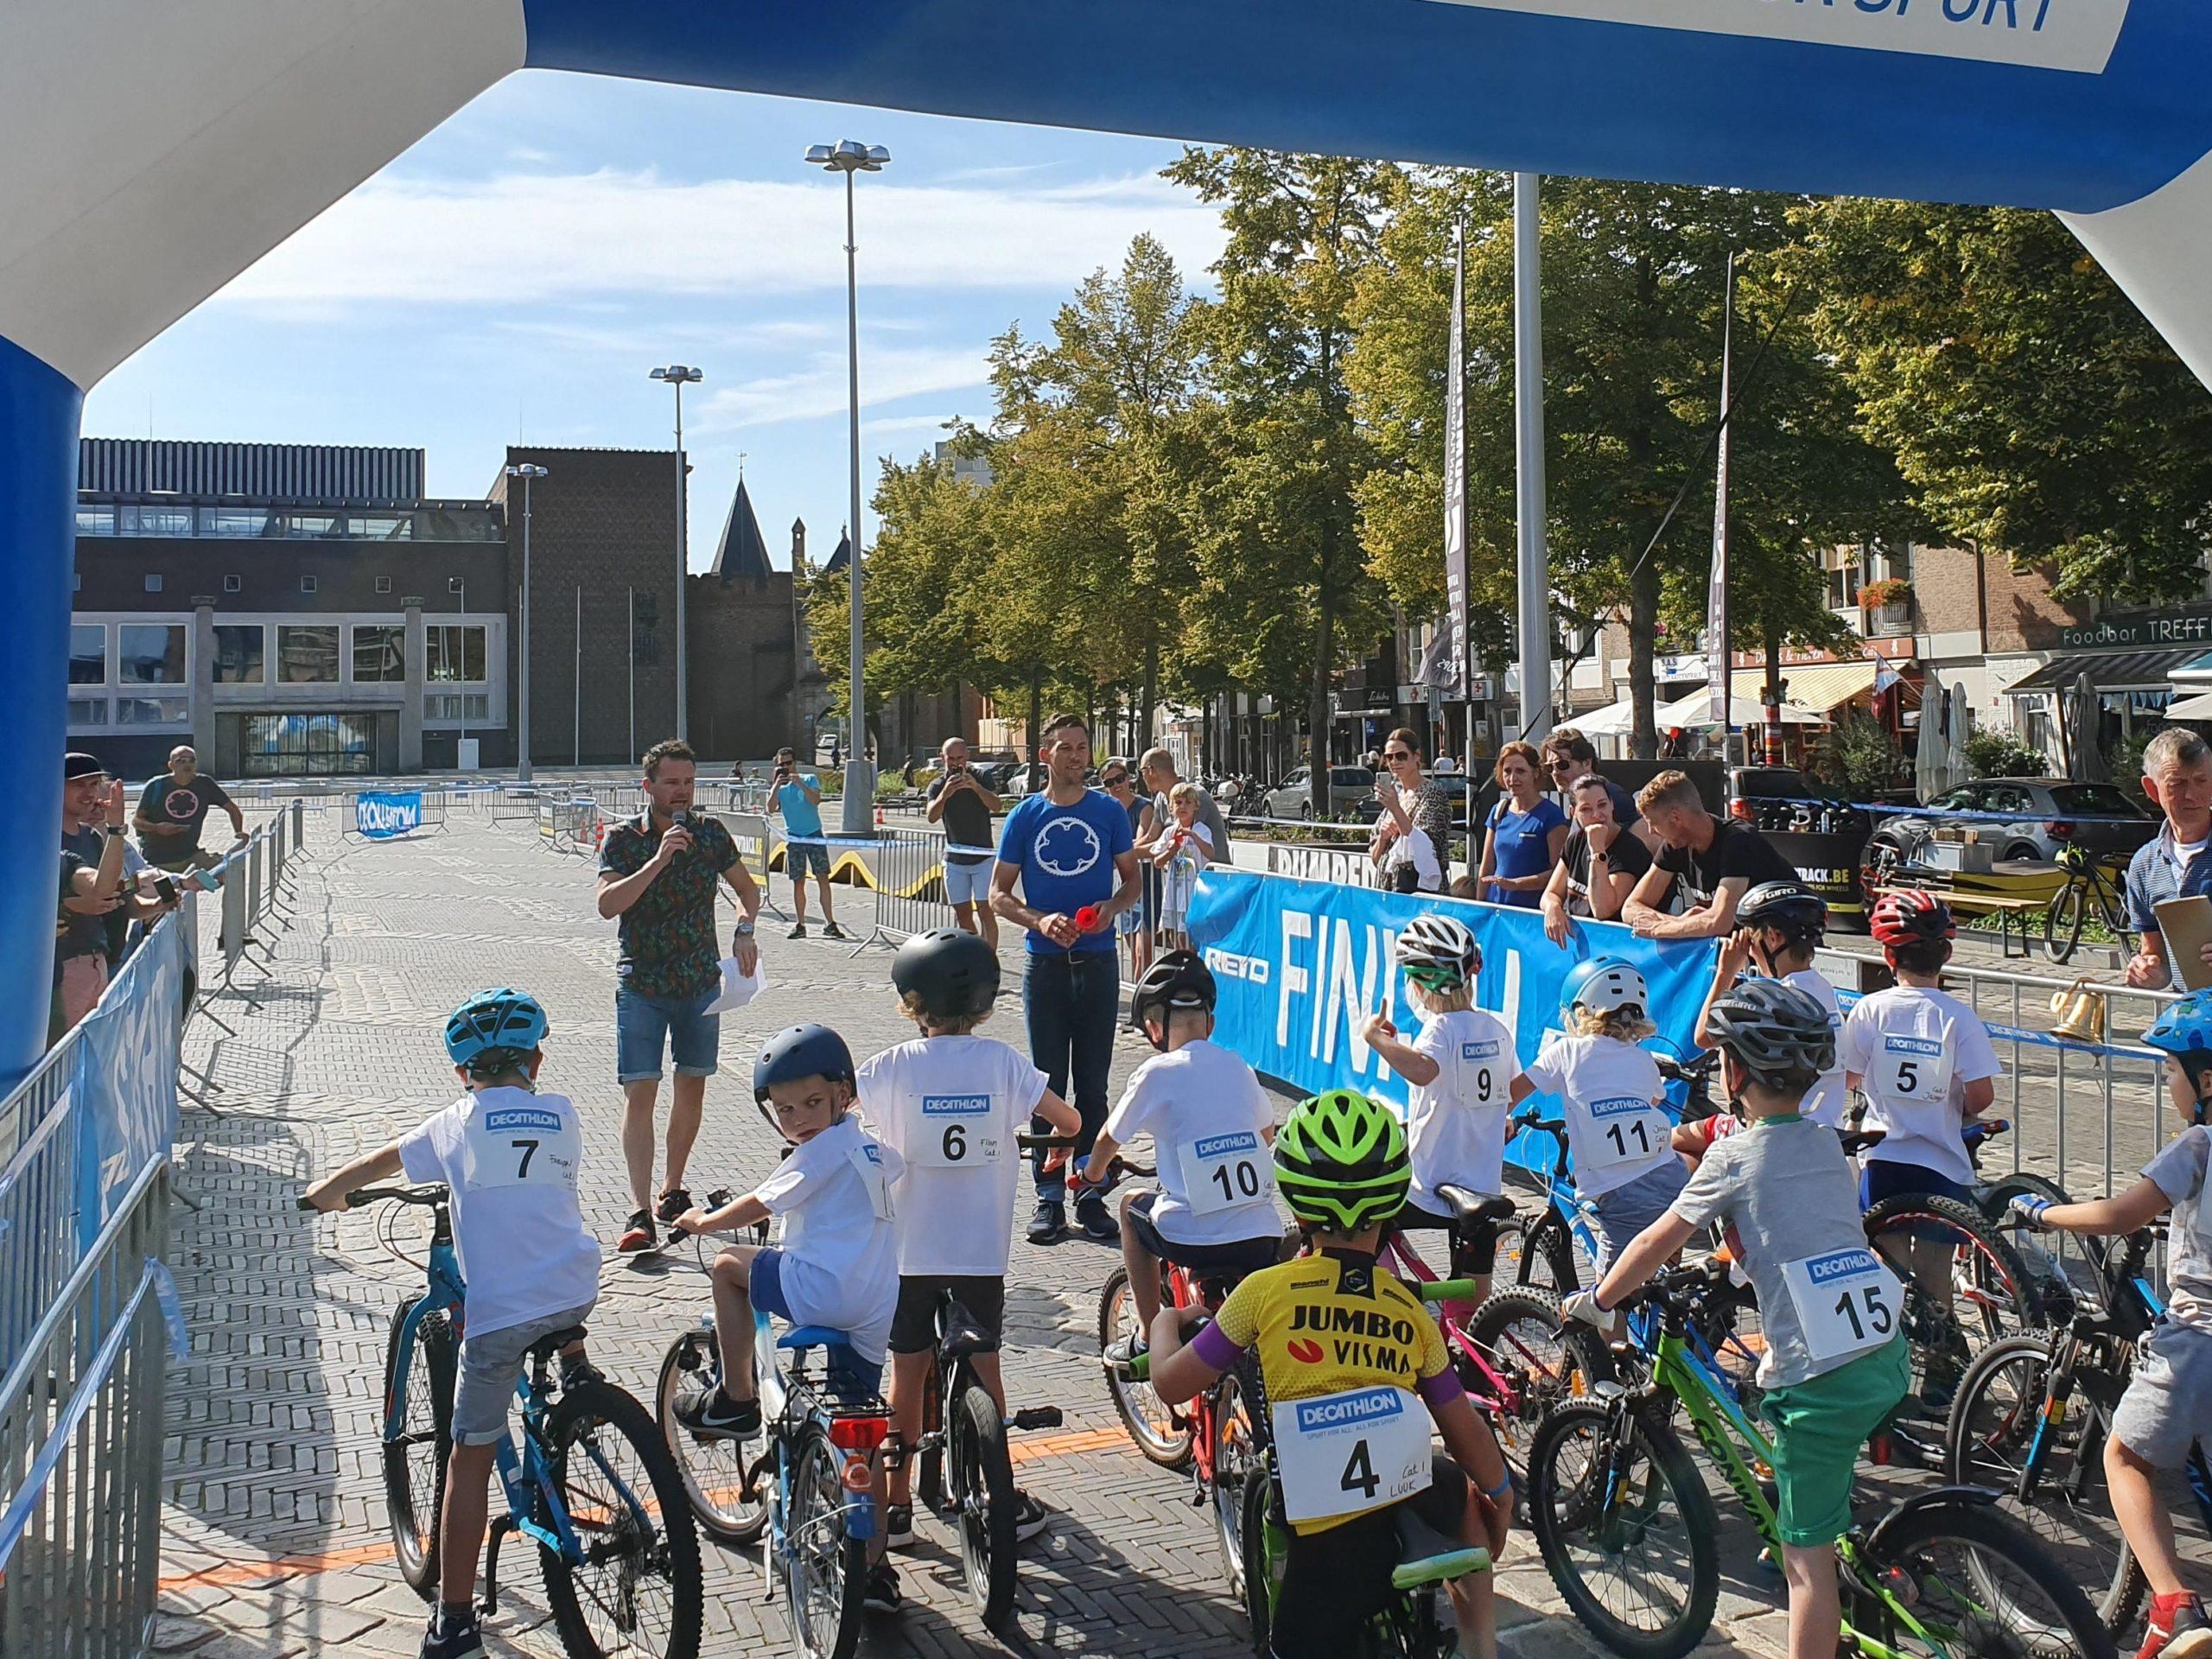 Bicycle Mayor Arnhem Nijmegen